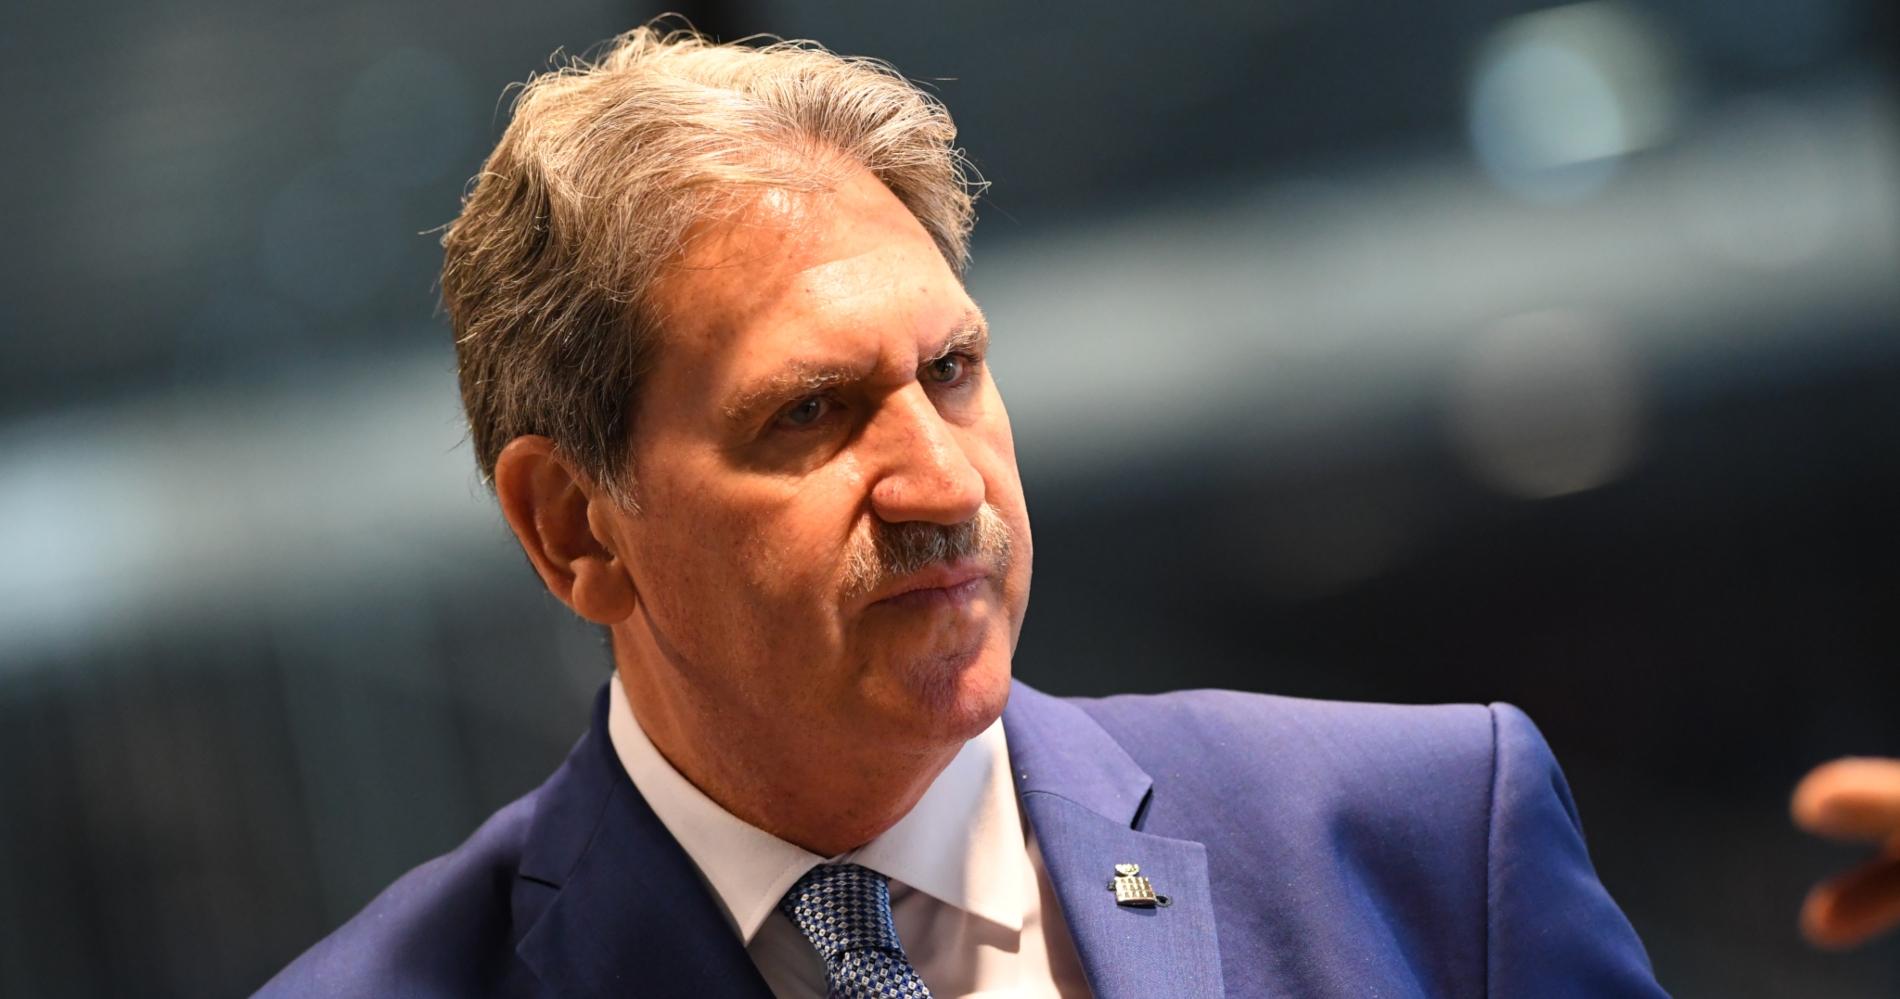 David Haggerty, ITF chairman